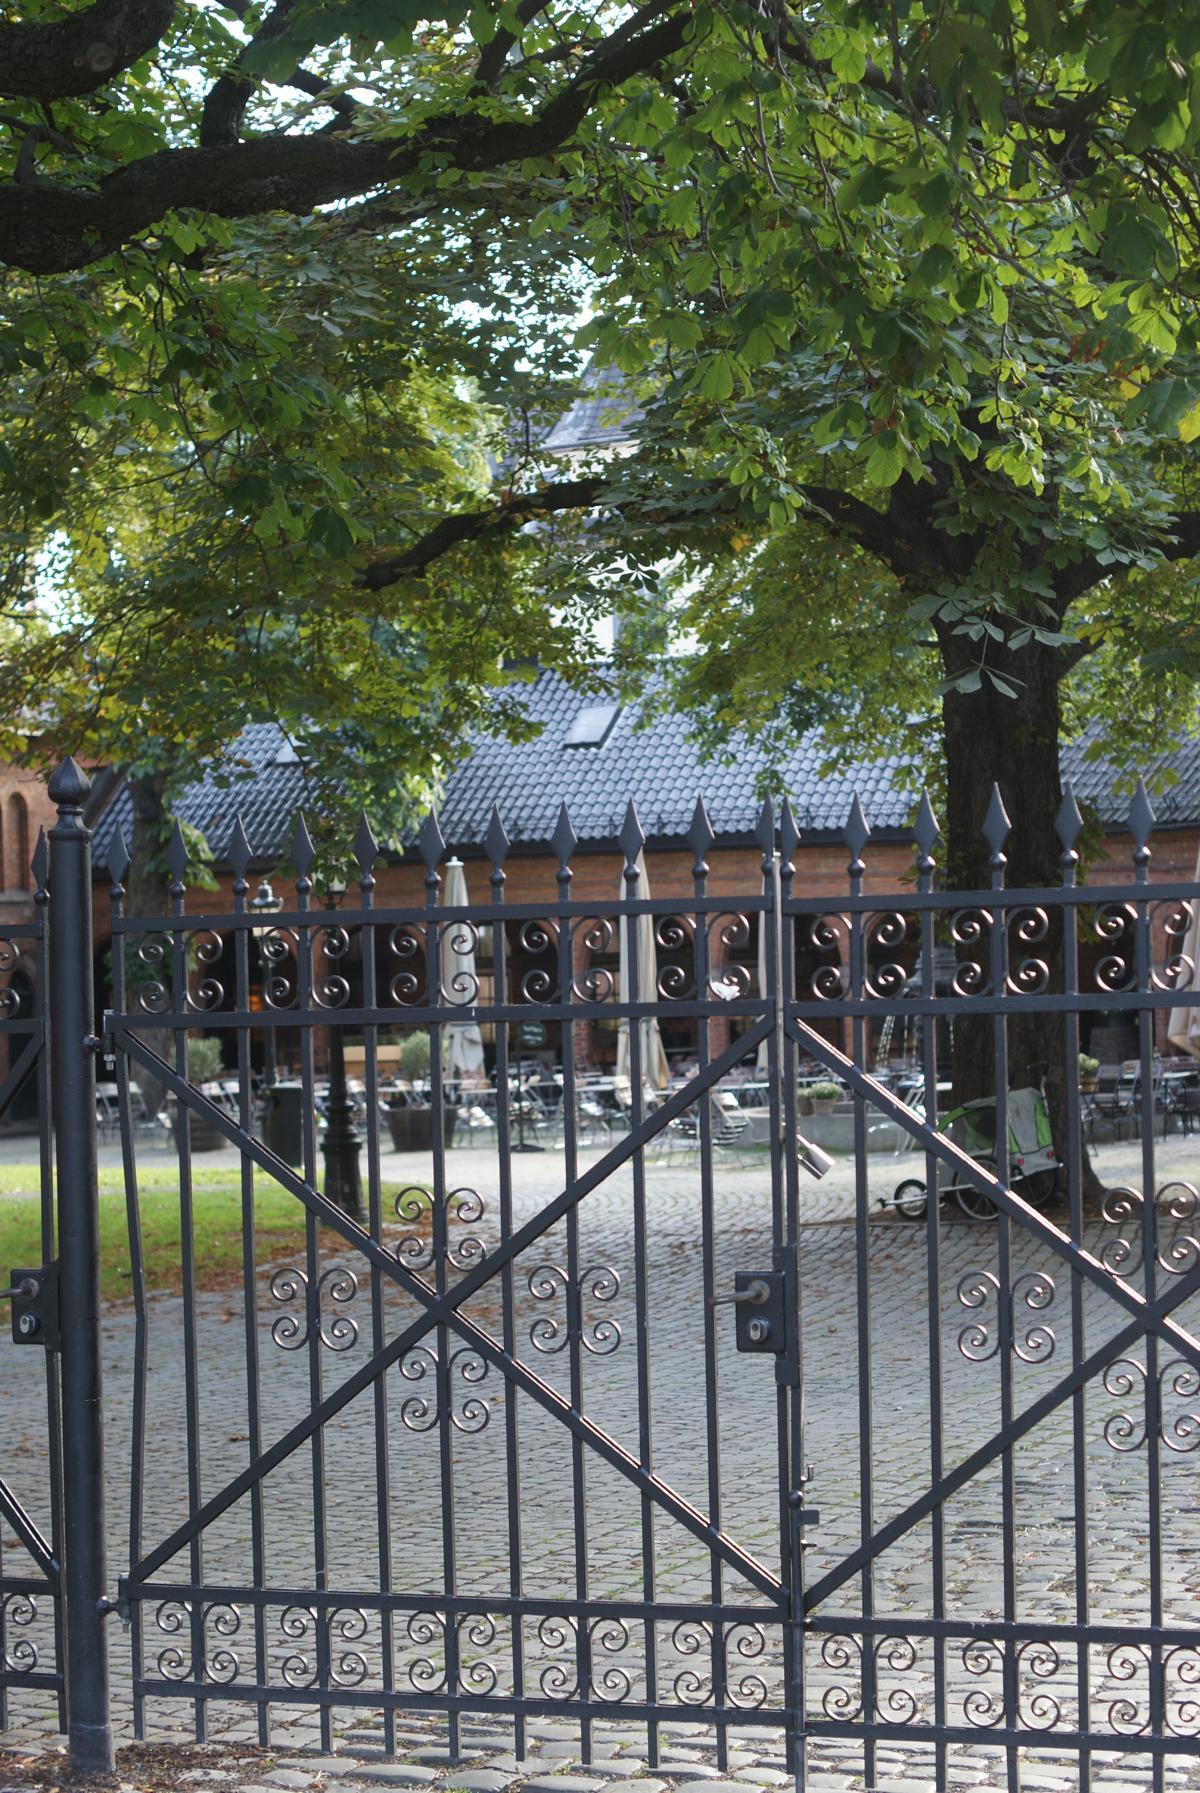 Friedhof und Zaun der Kathedrale von Oslo